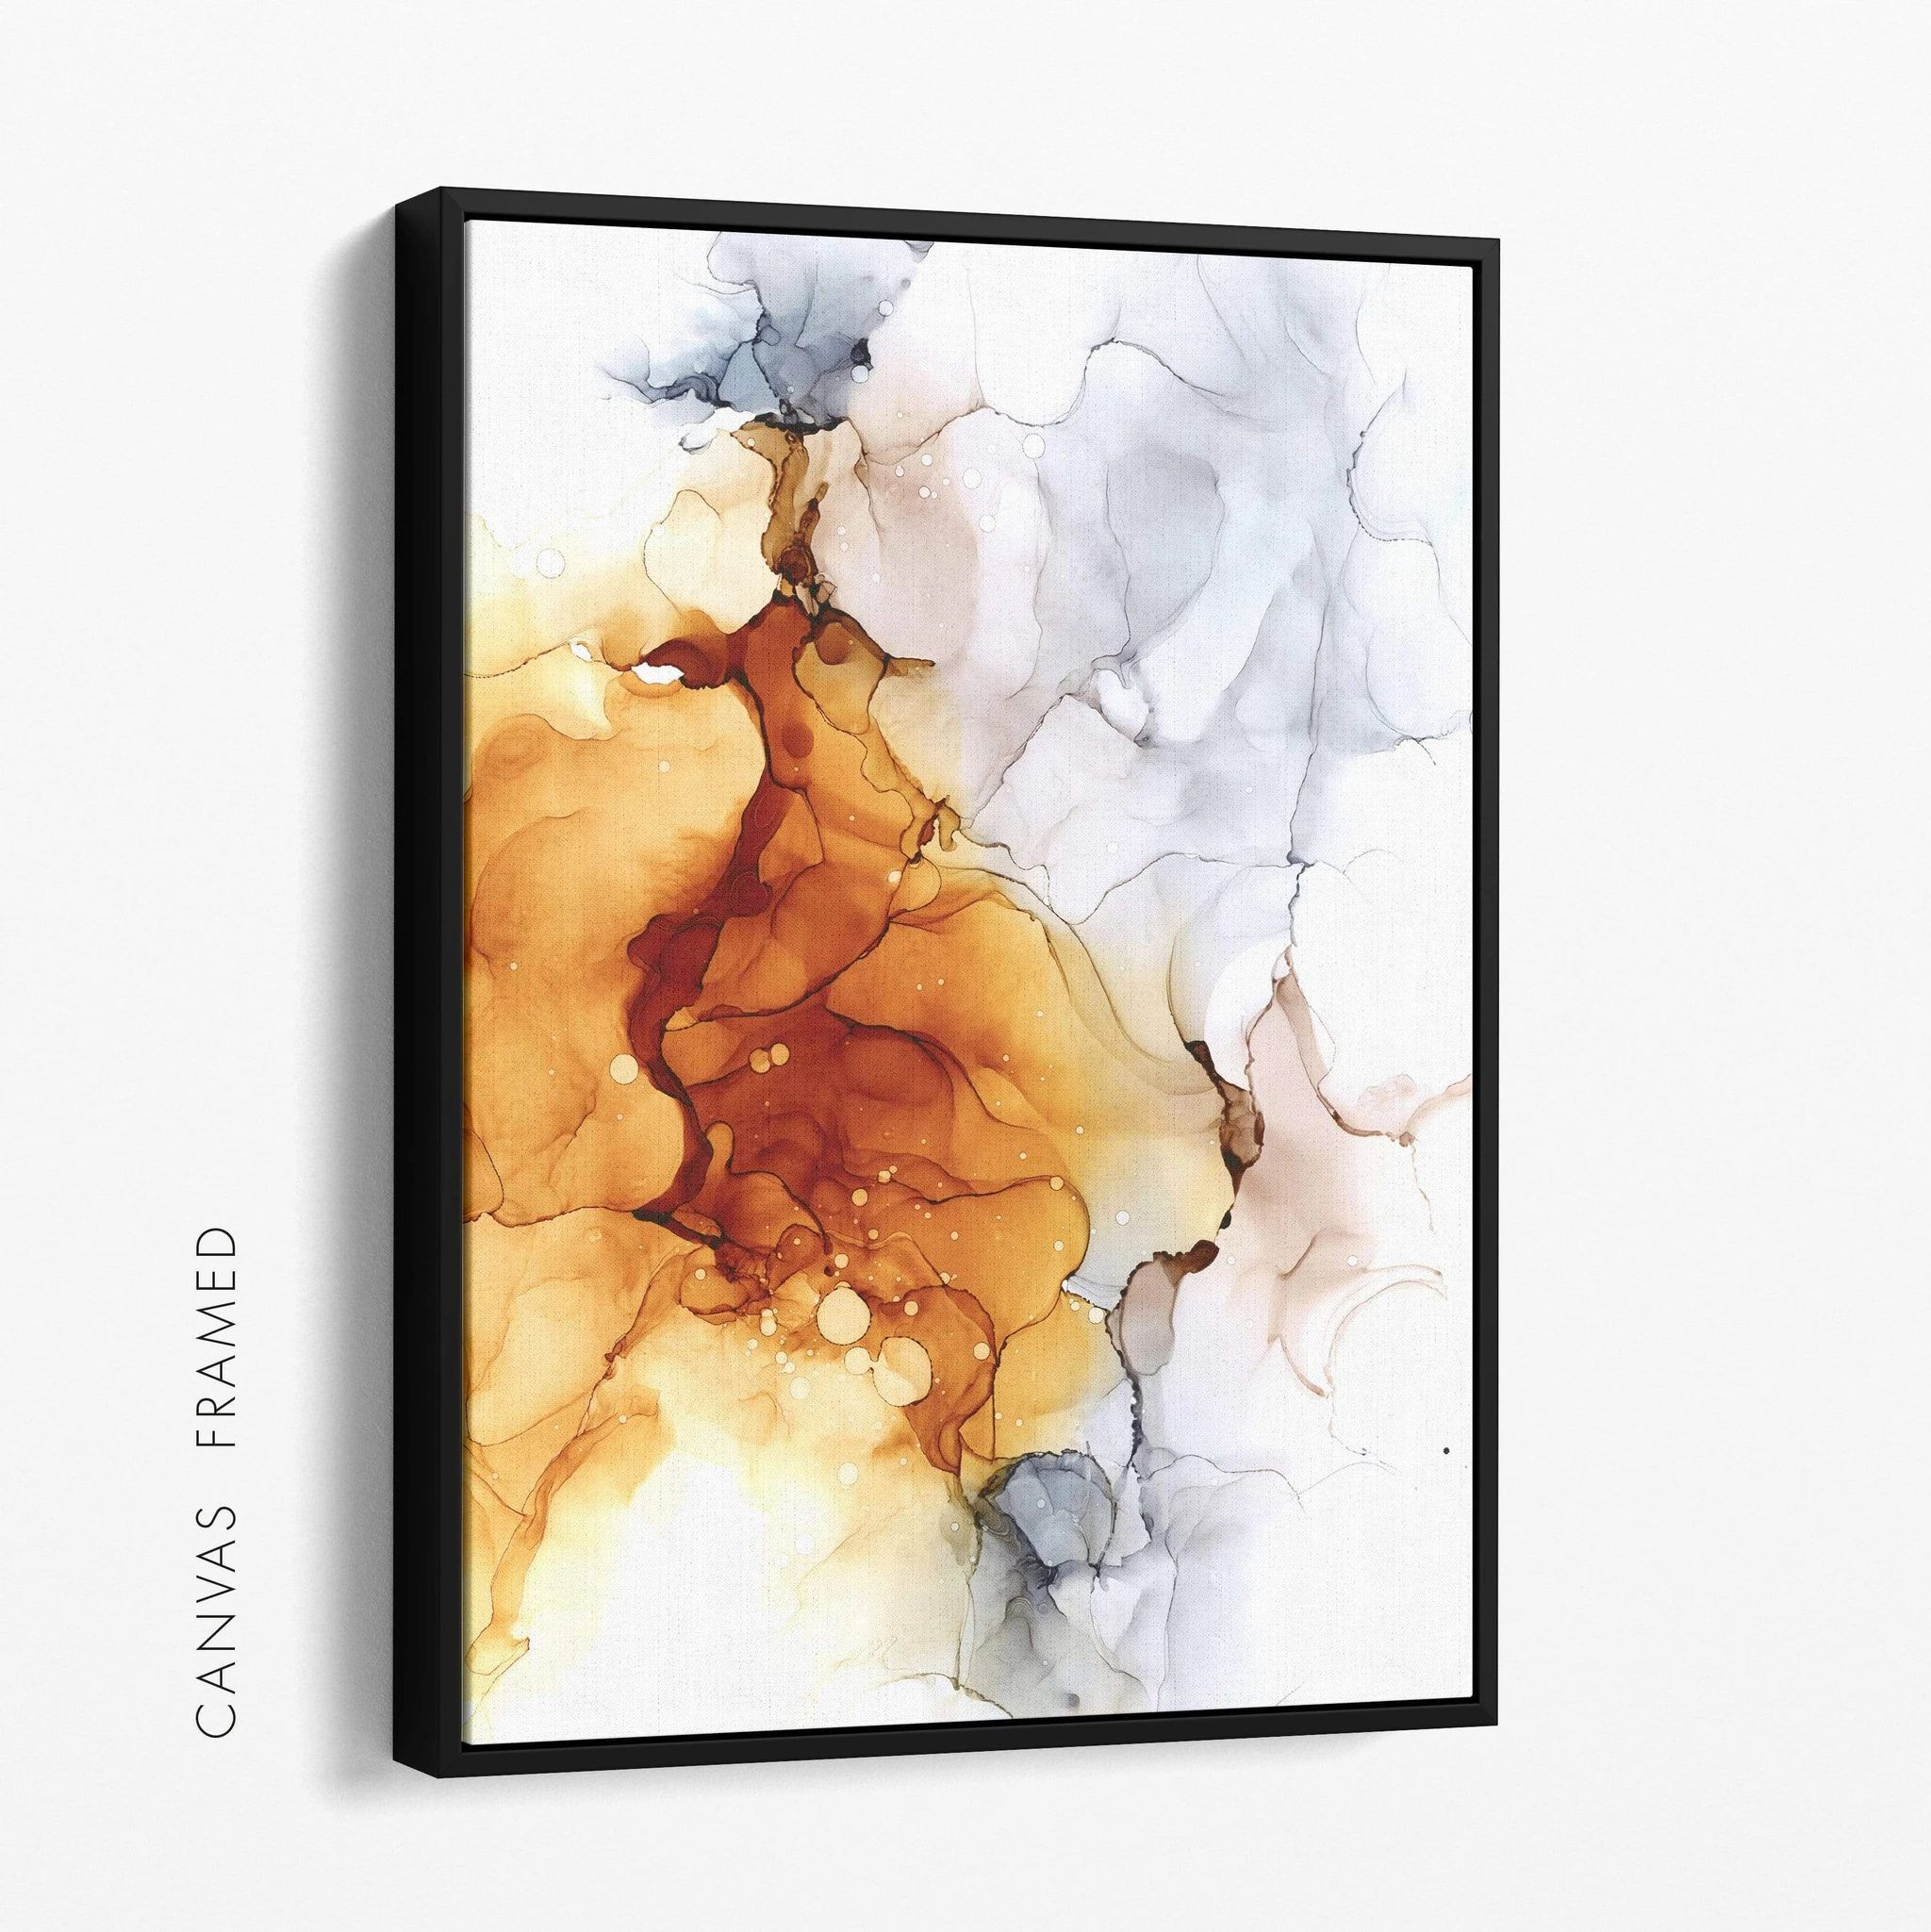 handpicked wandbilder einfach schone bilder online kaufen alkohol tinte kunst mit alkoholfarben leinwand foto 120x80 fotoleinwand rahmen